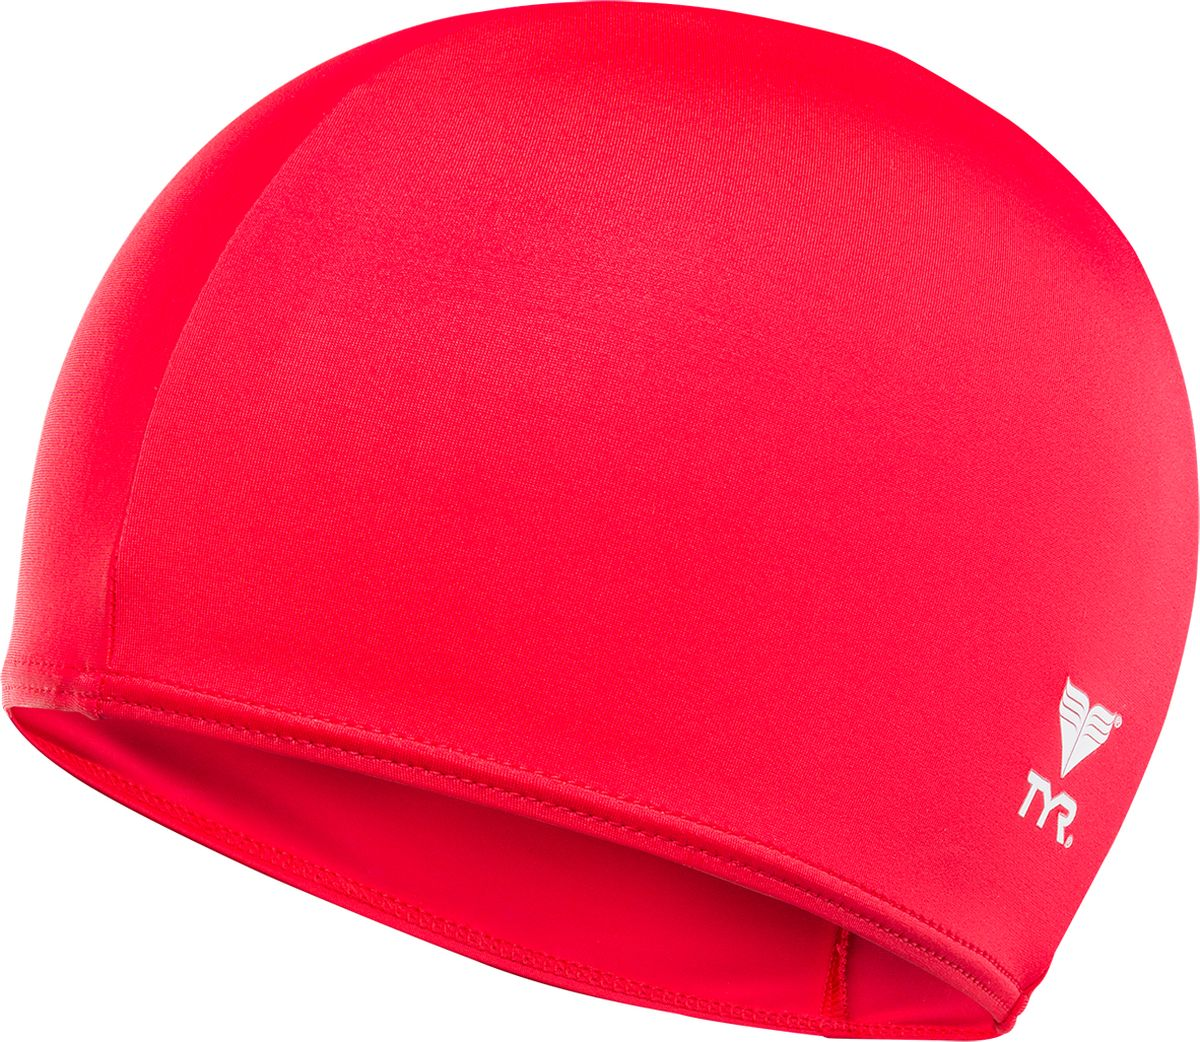 Шапочка для плавания Tyr Solid Lycra Cap, цвет: красный. LCYLCYTYR Lycra – классическая шапочка для плавания, изготовлена из высококачественного материала устойчивого к воздействию хлорированной воды. Шапочка очень комфортна, эластична, хорошо держится и не сдавливает голову. Хорошо подойдет для тренировок и плавания в свое удовольствие.